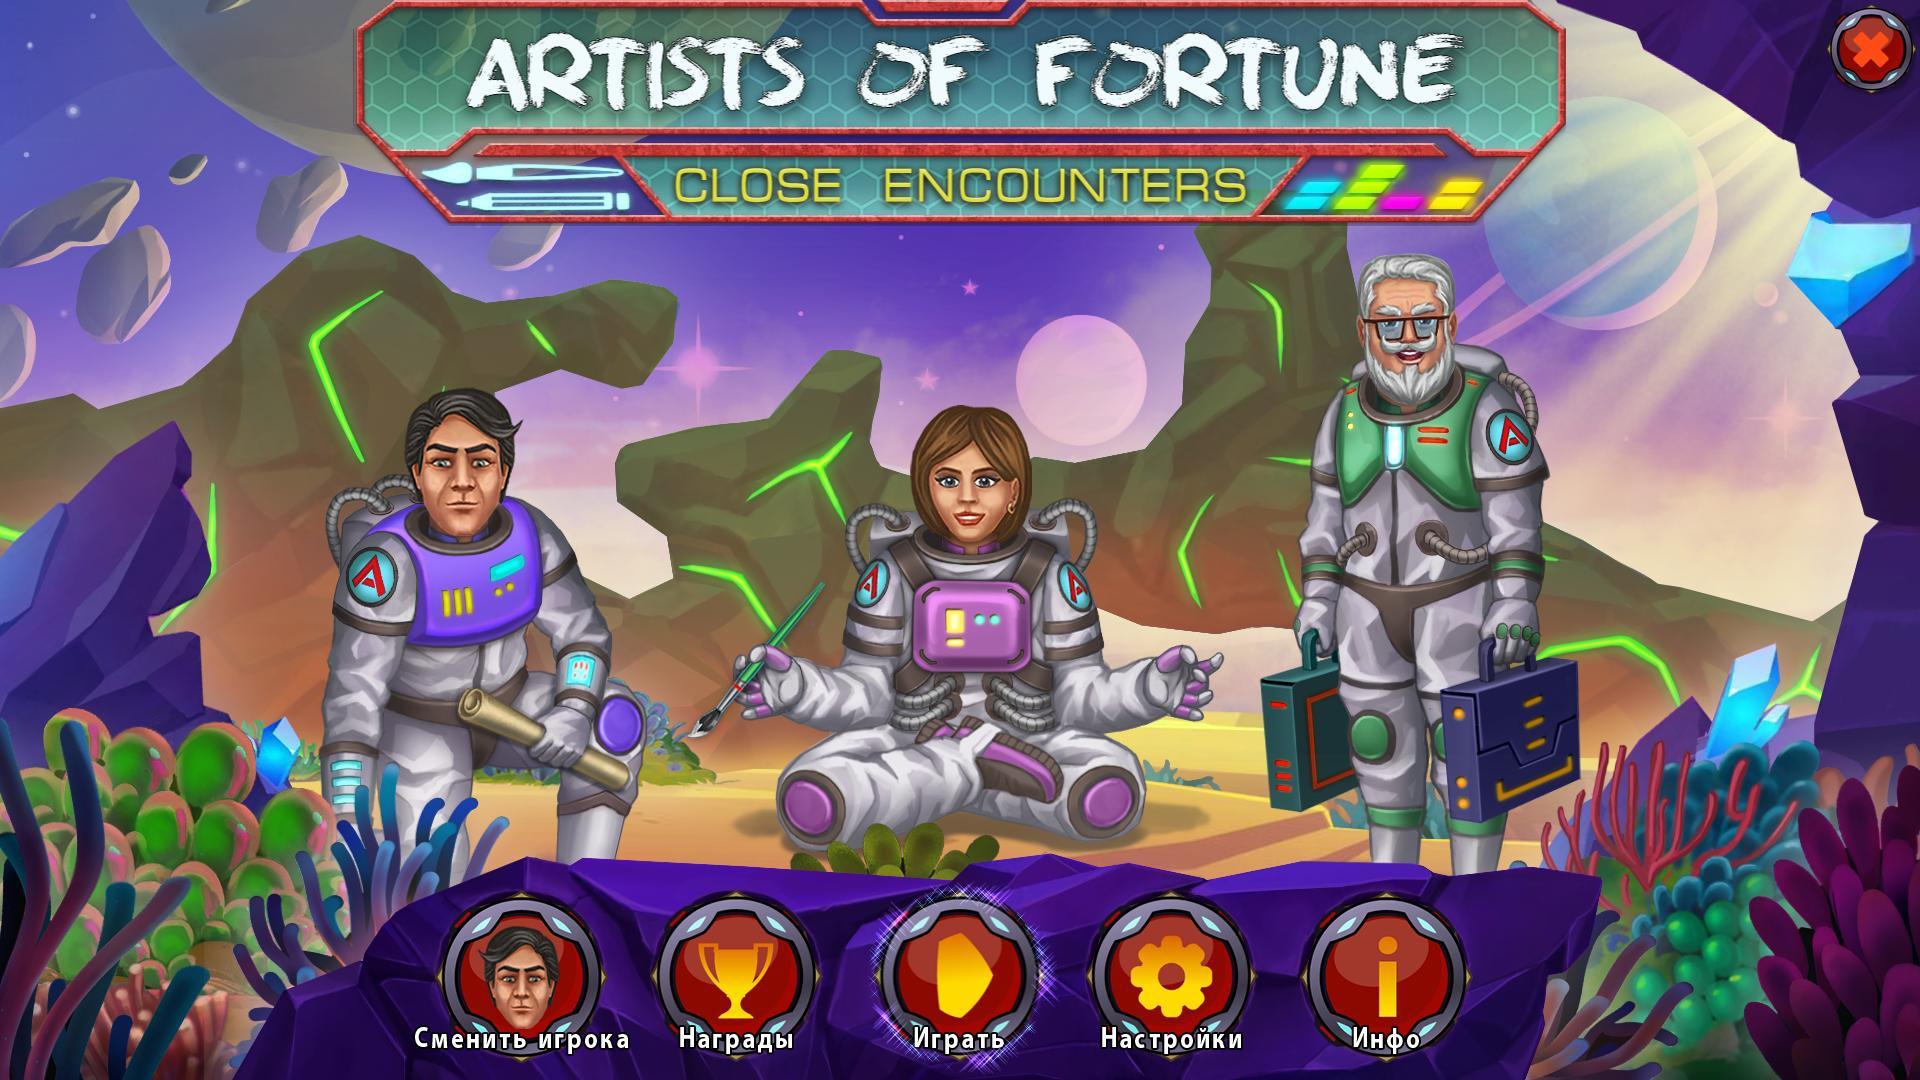 Художники удачи 2: Близкие контакты | Artists of Fortune 2: Close Encounters (Rus)